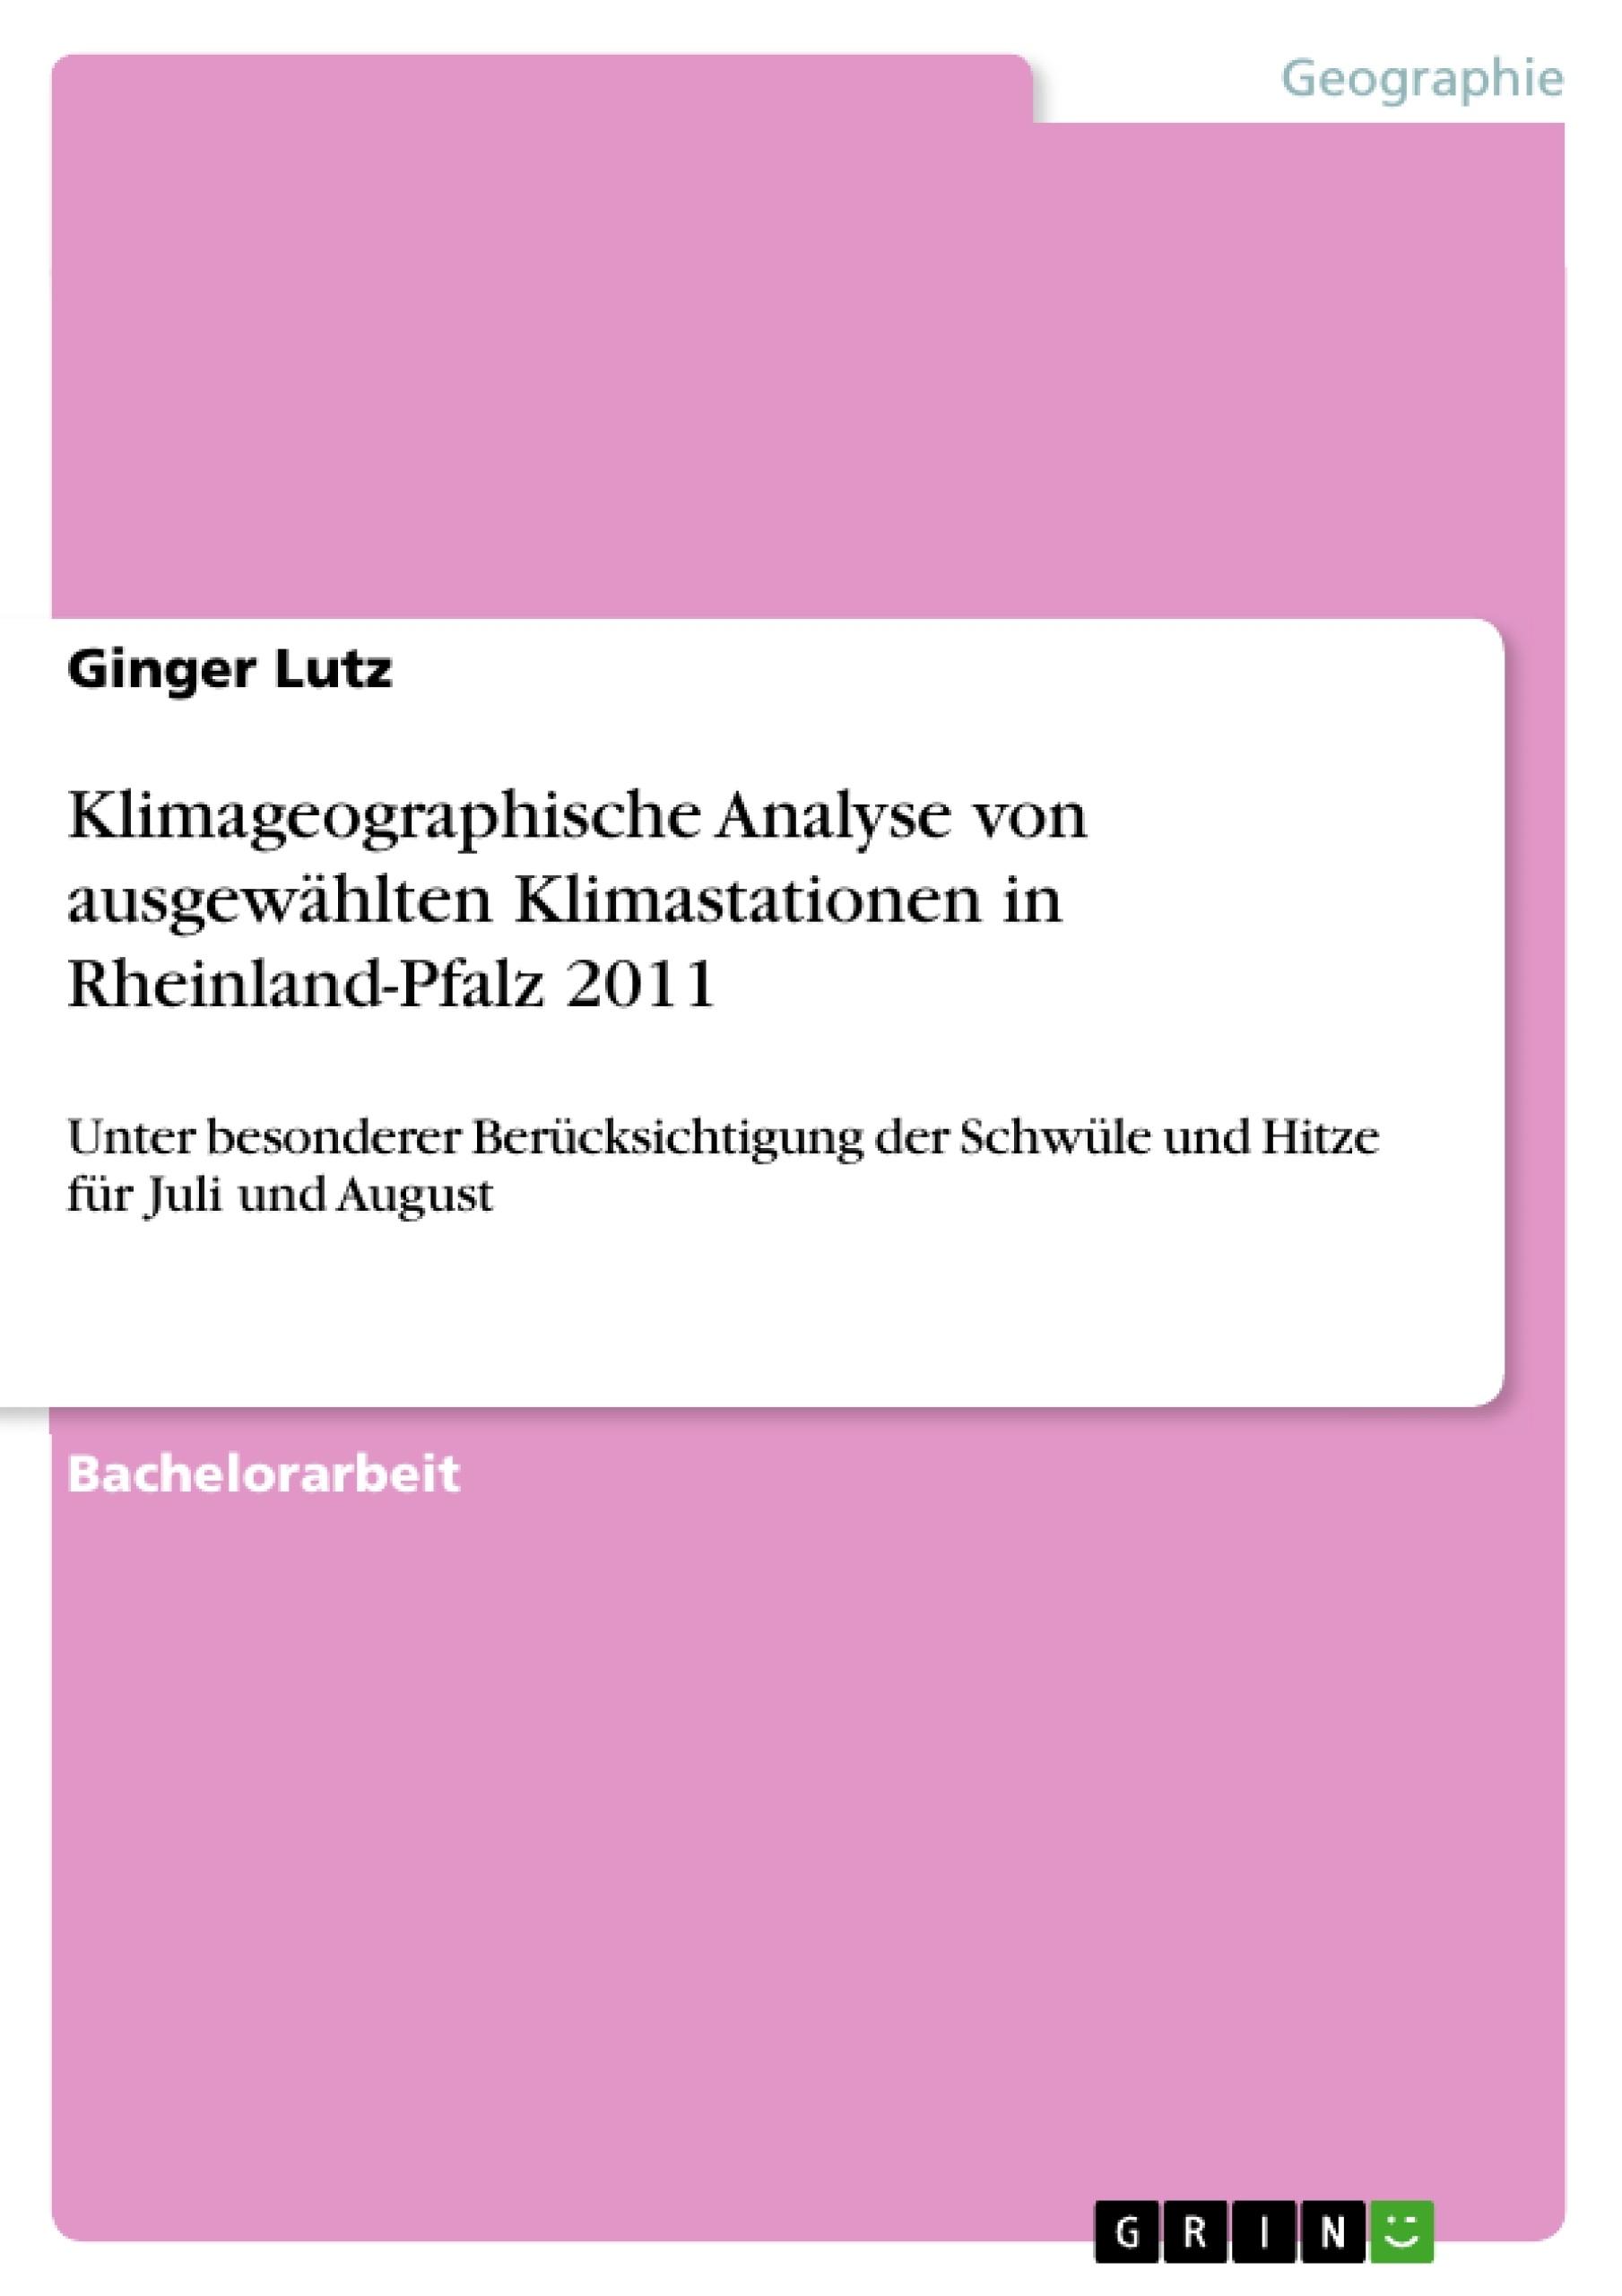 Titel: Klimageographische Analyse von ausgewählten Klimastationen in Rheinland-Pfalz 2011